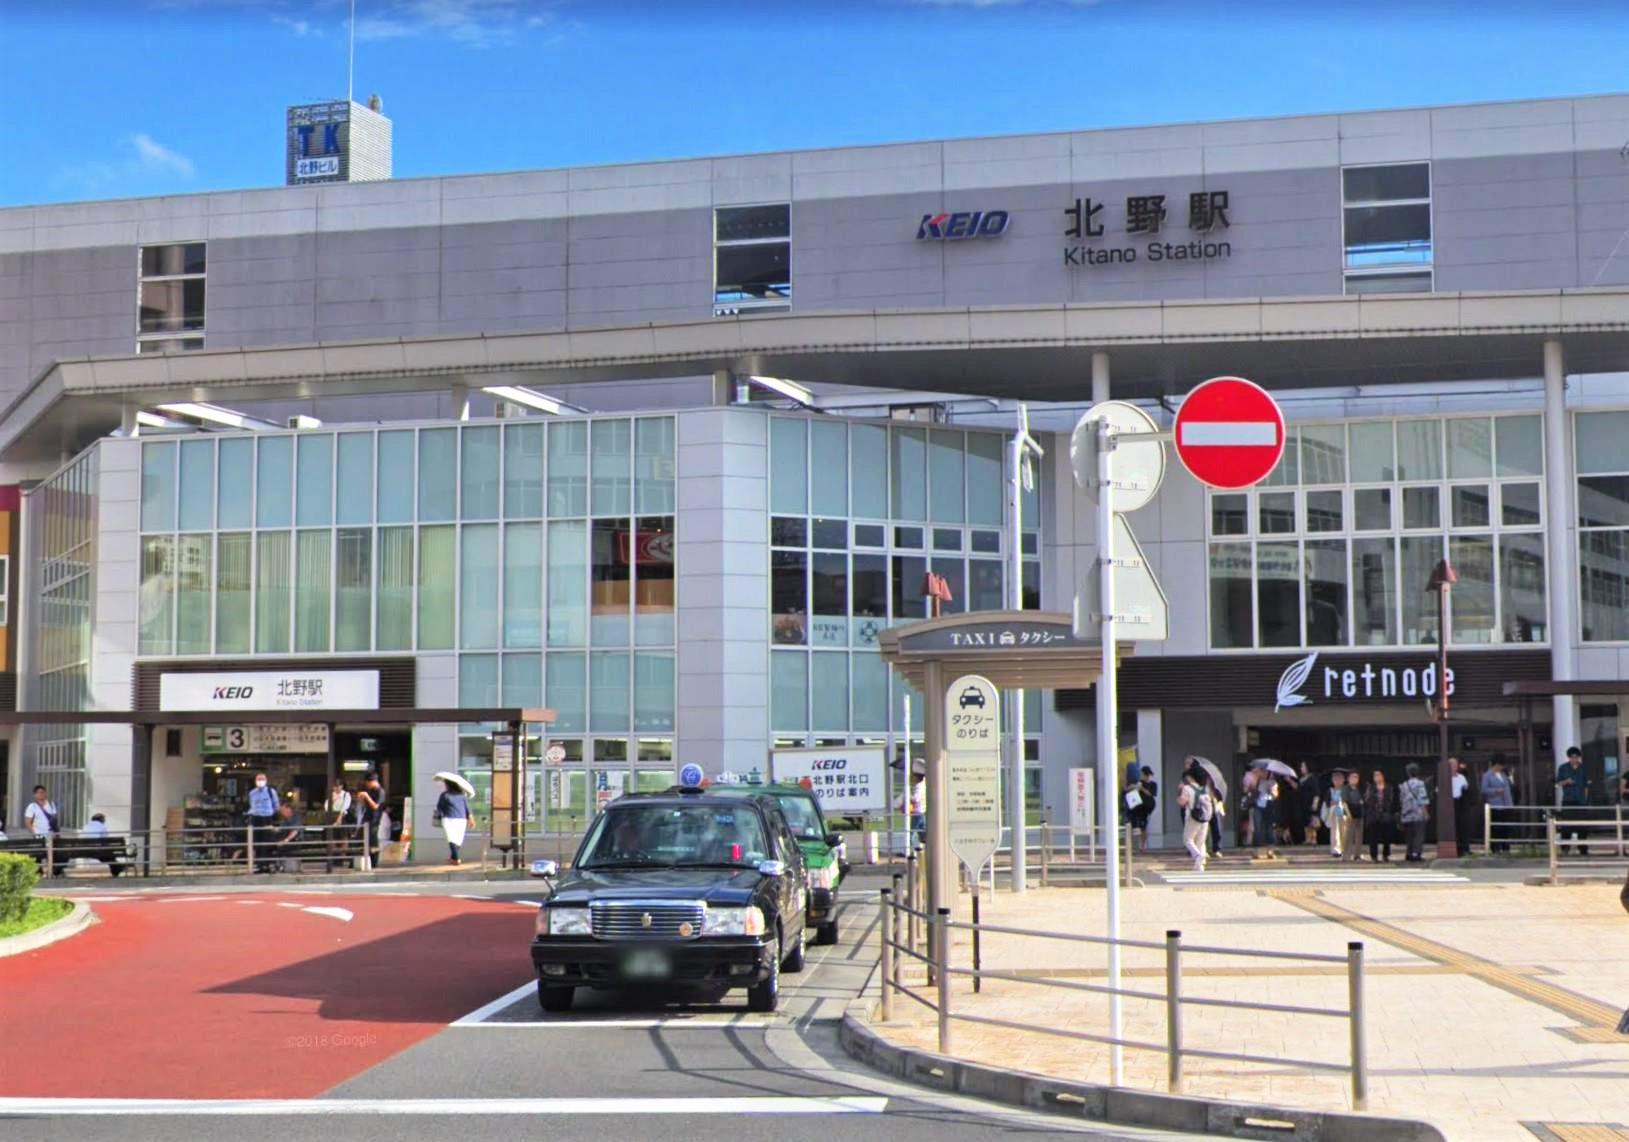 ショッピング施設:京王リトナード北野 729m